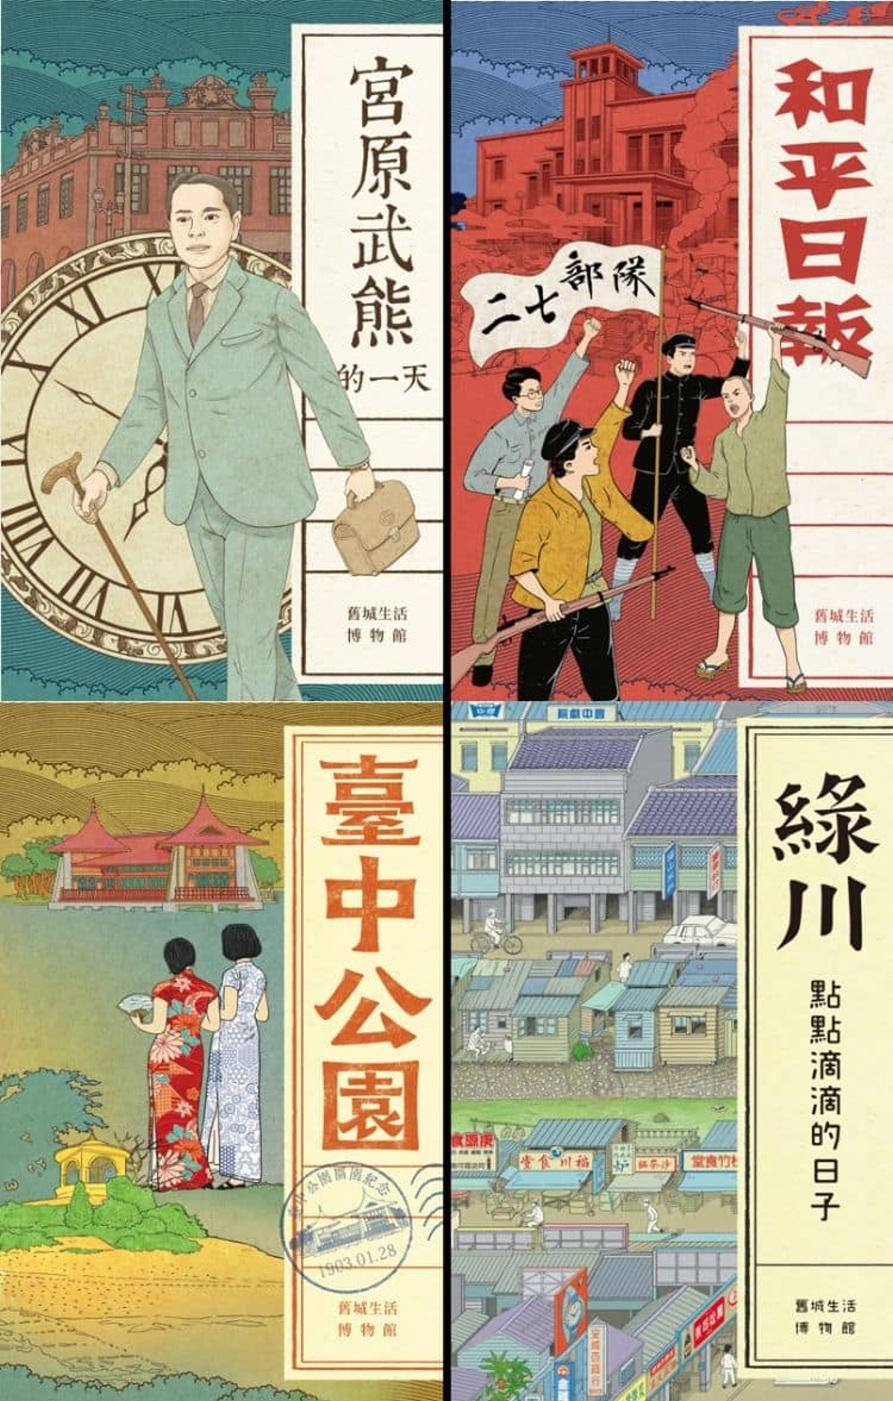 臺中舊城生活博物館漫畫小書